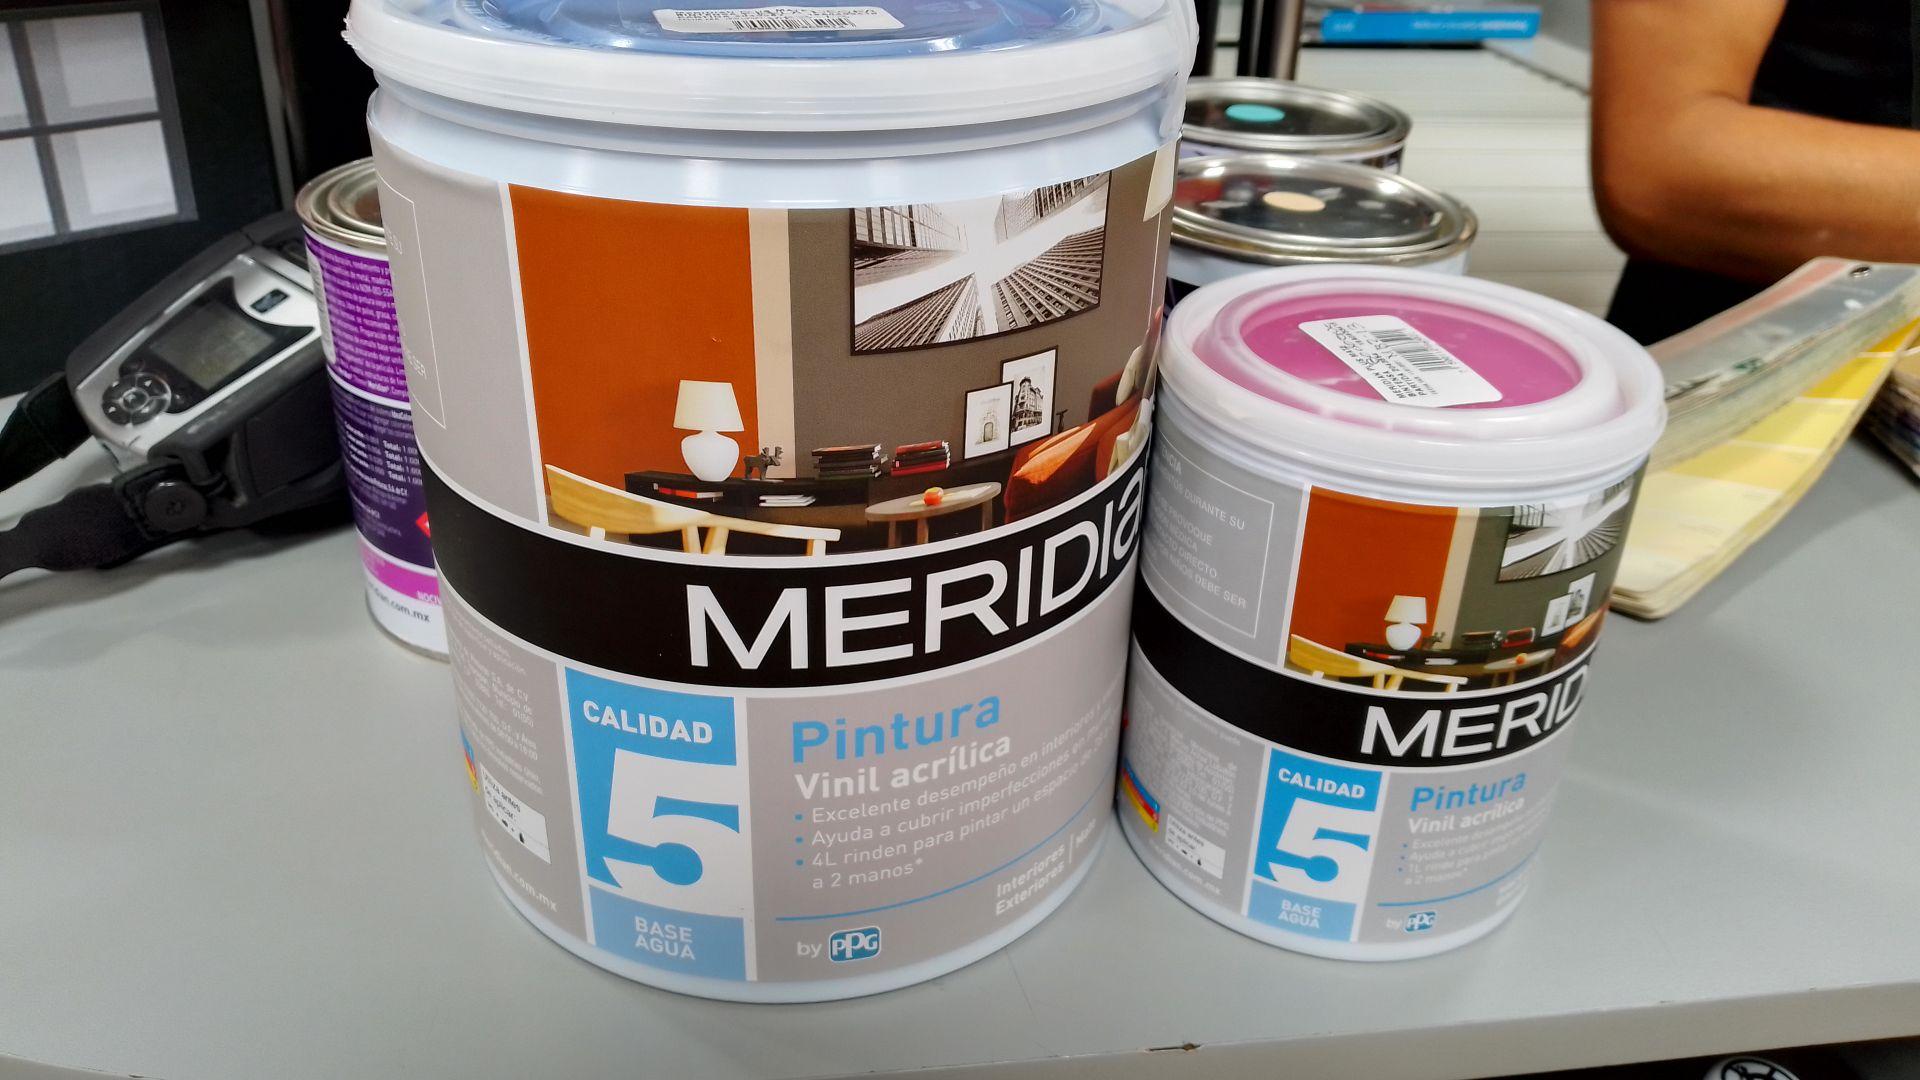 Walmart En compra de una lata de 4L de pintura meridian, 1 lt de pintura gratis